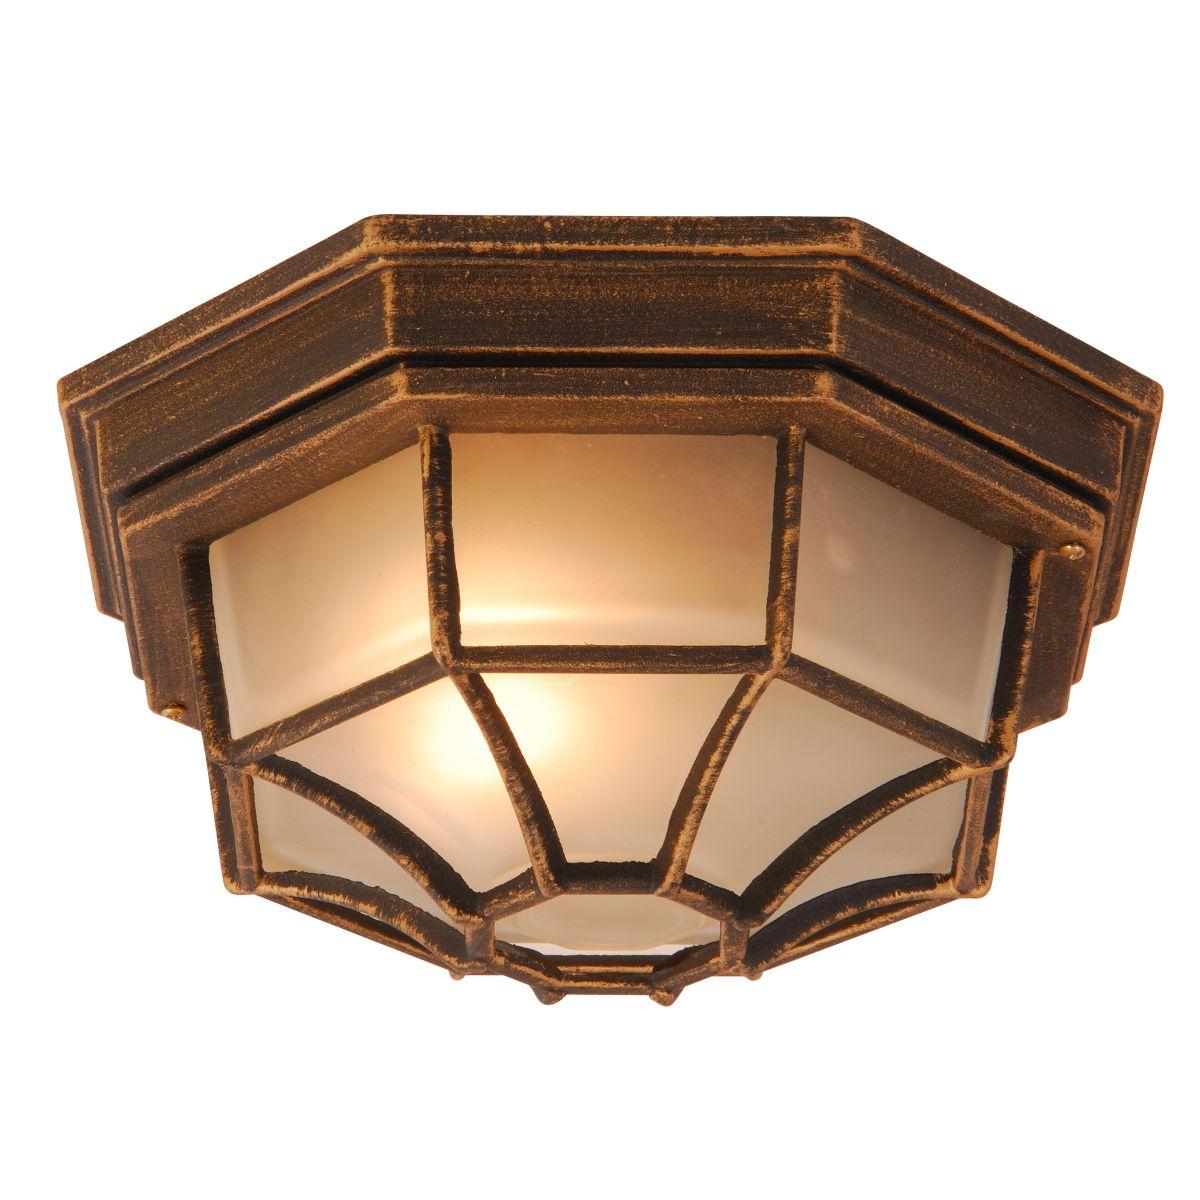 Светильник уличныйУличные подвесные и потолочные светильники<br>&amp;lt;div&amp;gt;Вид цоколя: Е27&amp;lt;/div&amp;gt;&amp;lt;div&amp;gt;Мощность лампы: 60W&amp;amp;nbsp;&amp;lt;/div&amp;gt;&amp;lt;div&amp;gt;Количество ламп: 1&amp;lt;/div&amp;gt;<br><br>Material: Алюминий<br>Height см: 13<br>Diameter см: 28